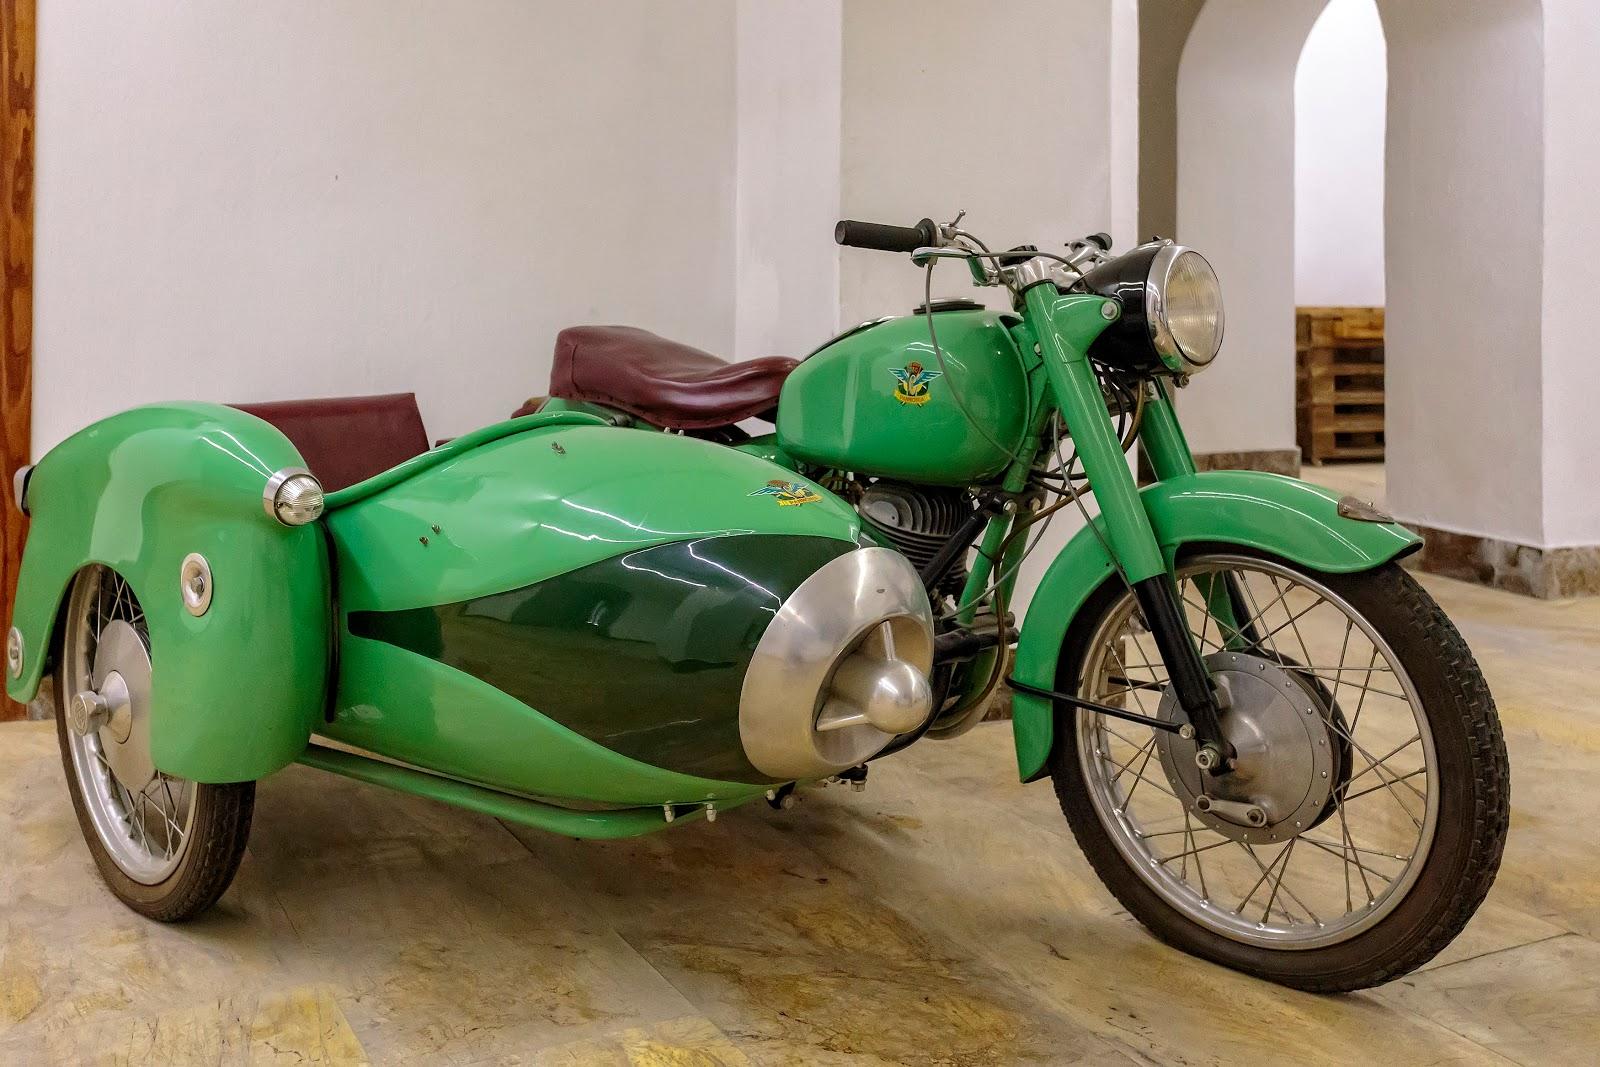 установке ретро мотоциклы ссср фото полную столовую ложку